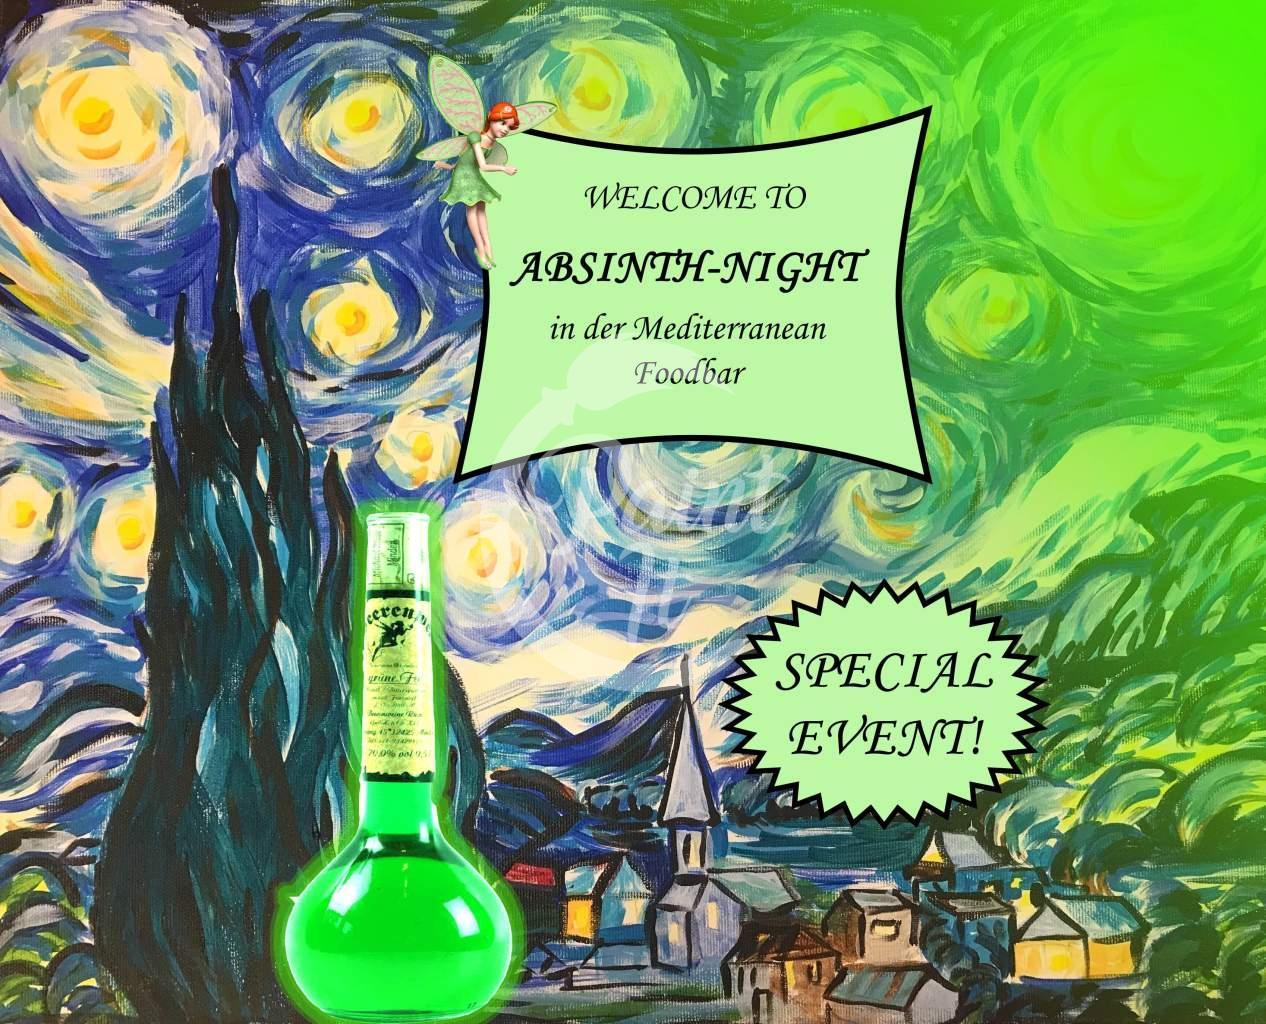 Sternennacht ABSINTH-NIGHT SPECIAL